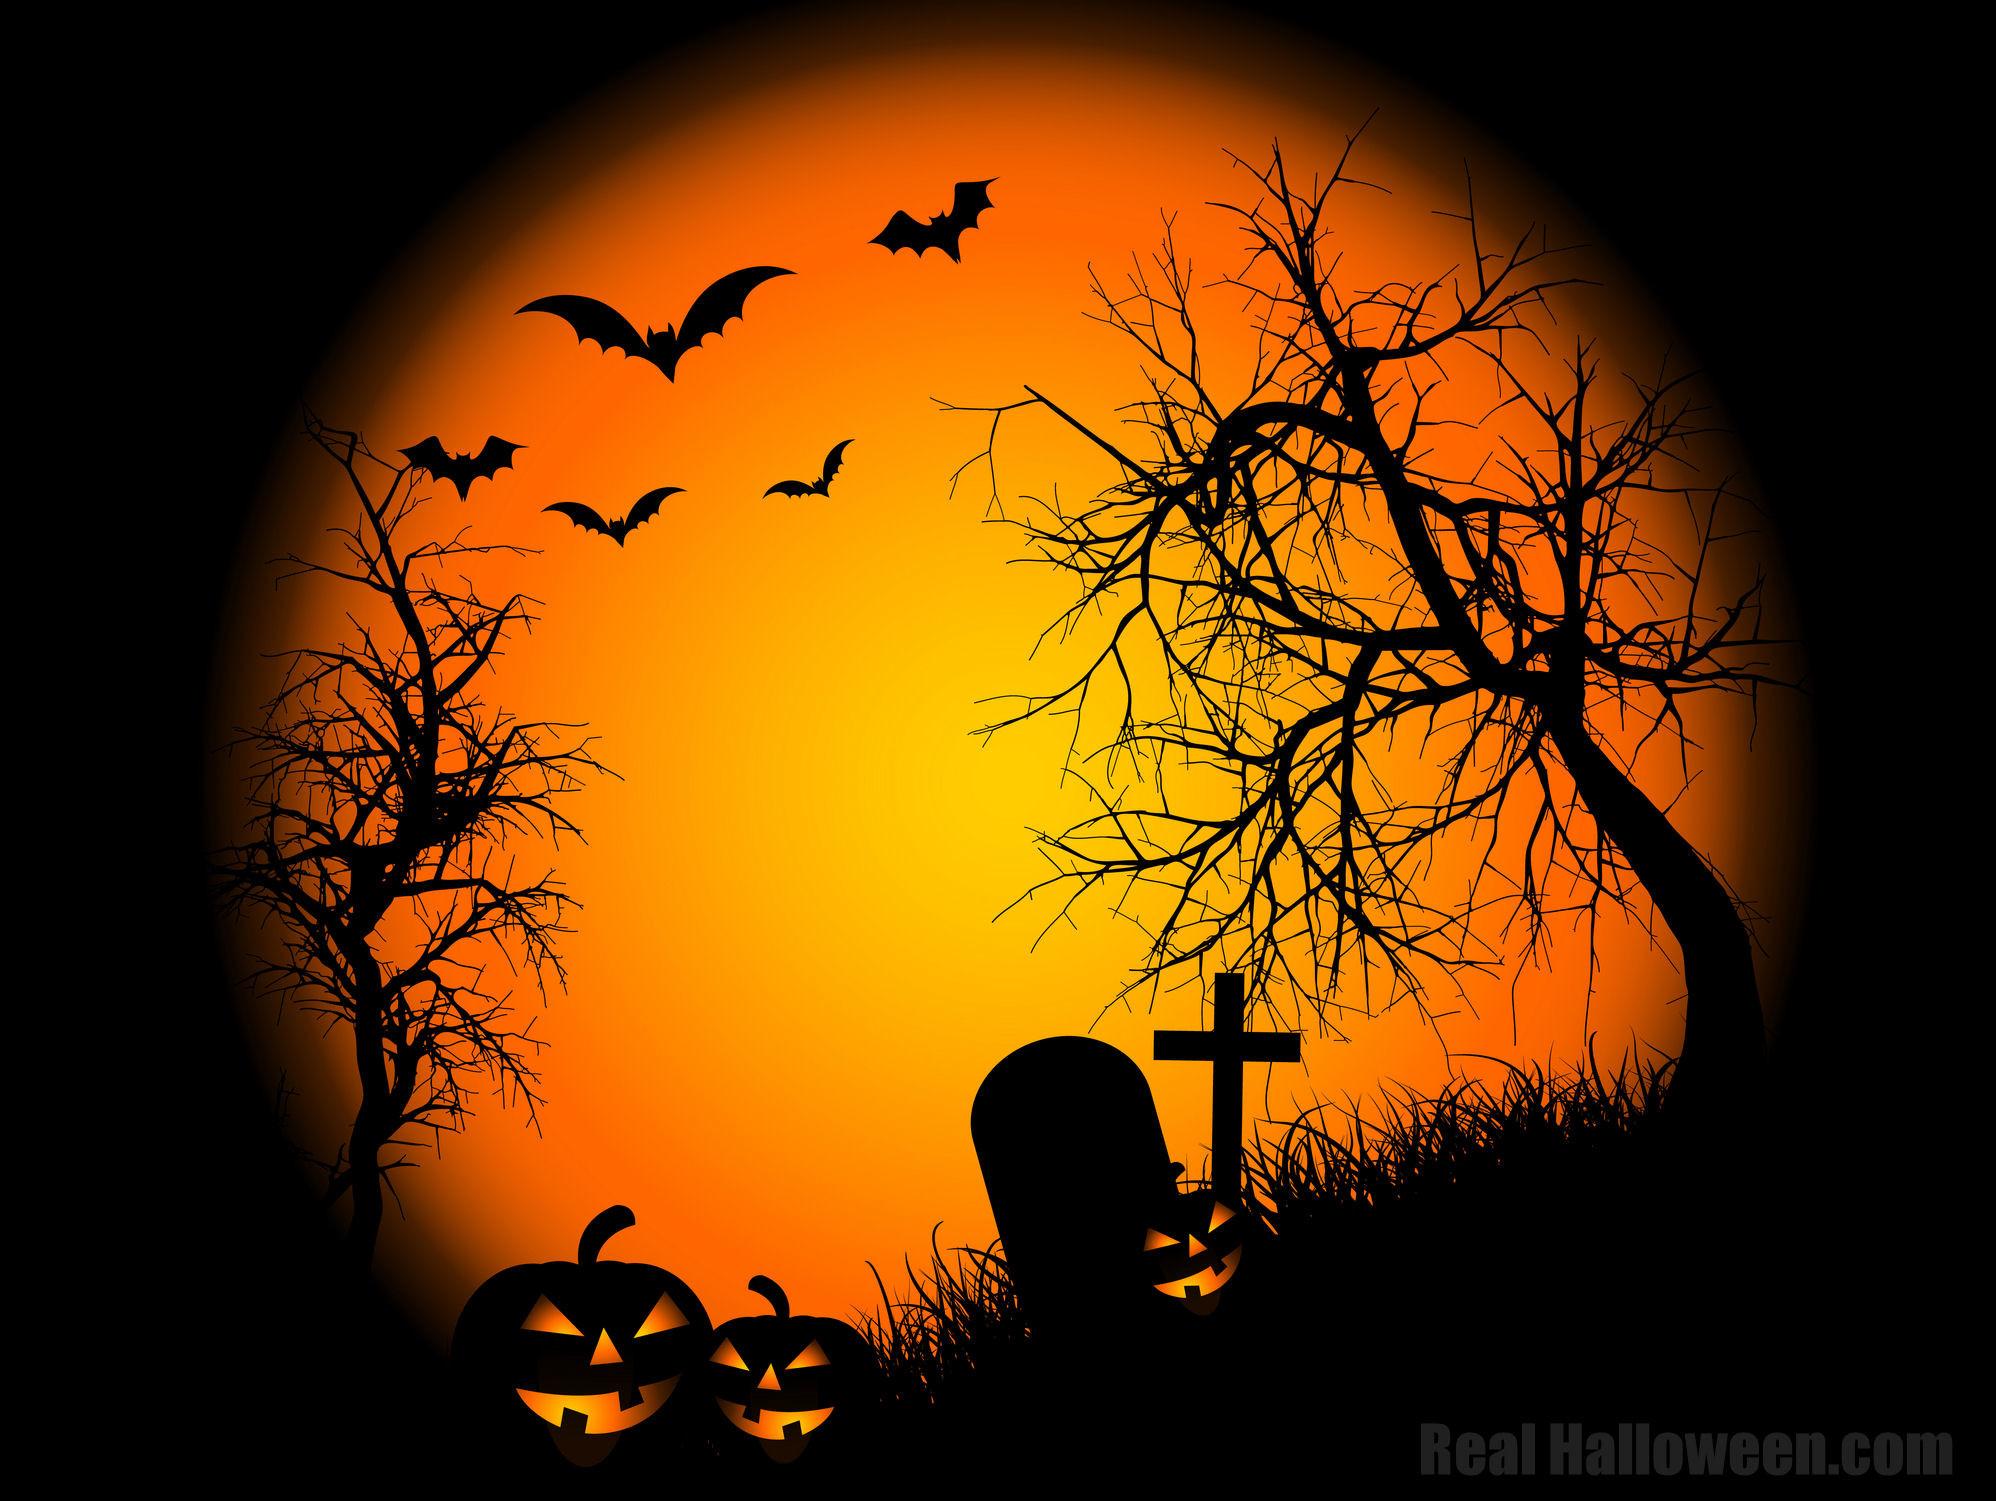 great halloween wallpapers download